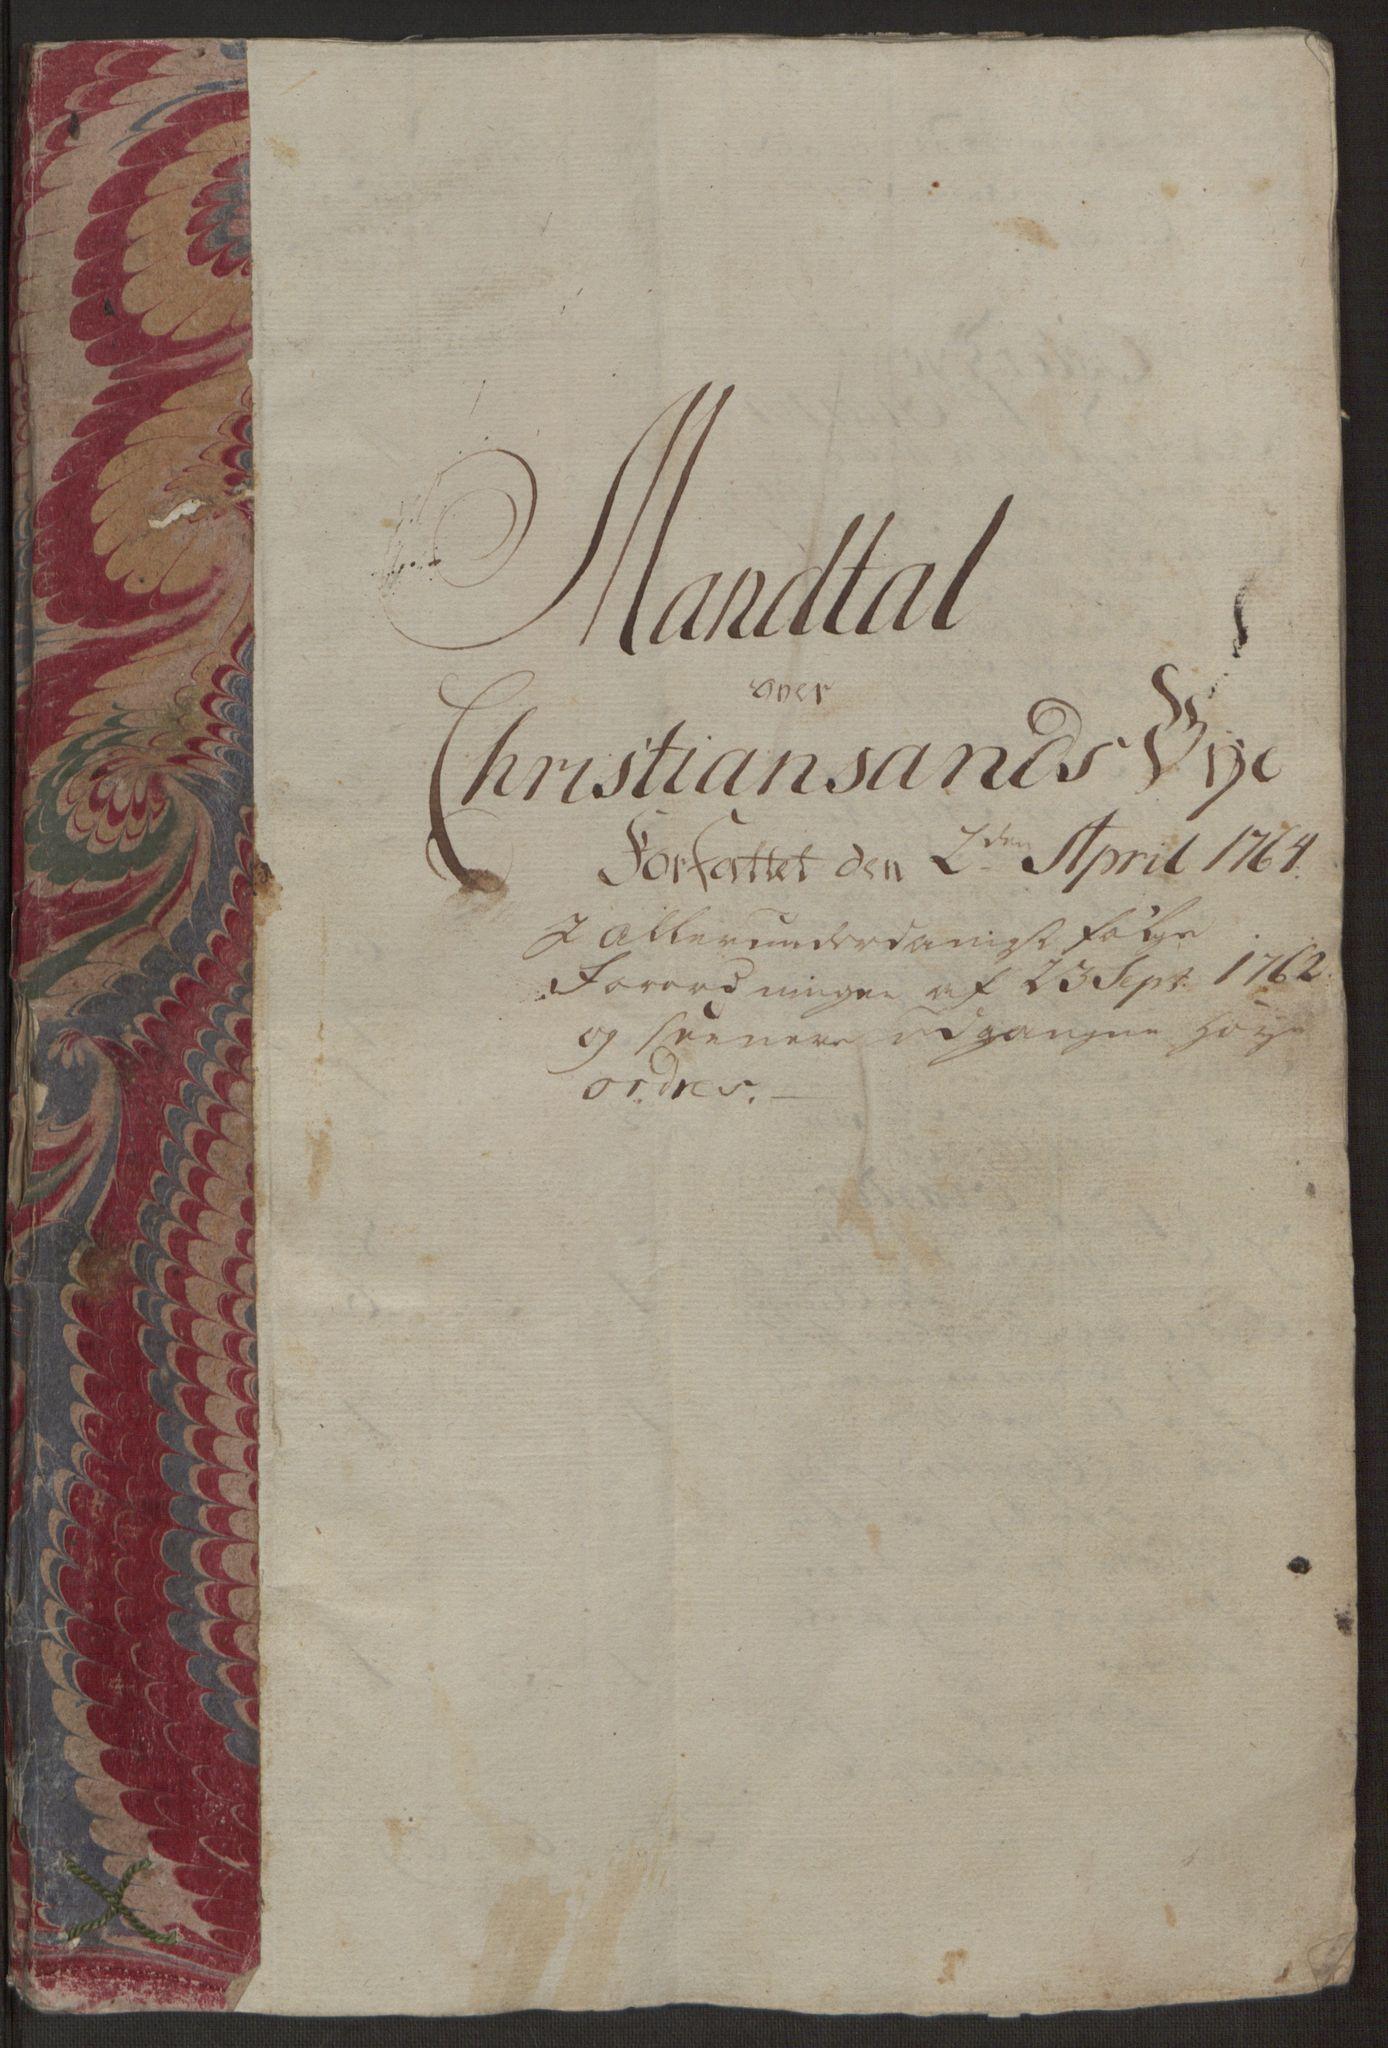 RA, Rentekammeret inntil 1814, Reviderte regnskaper, Byregnskaper, R/Rm/L0265: [M6] Kontribusjonsregnskap, 1762-1764, s. 208